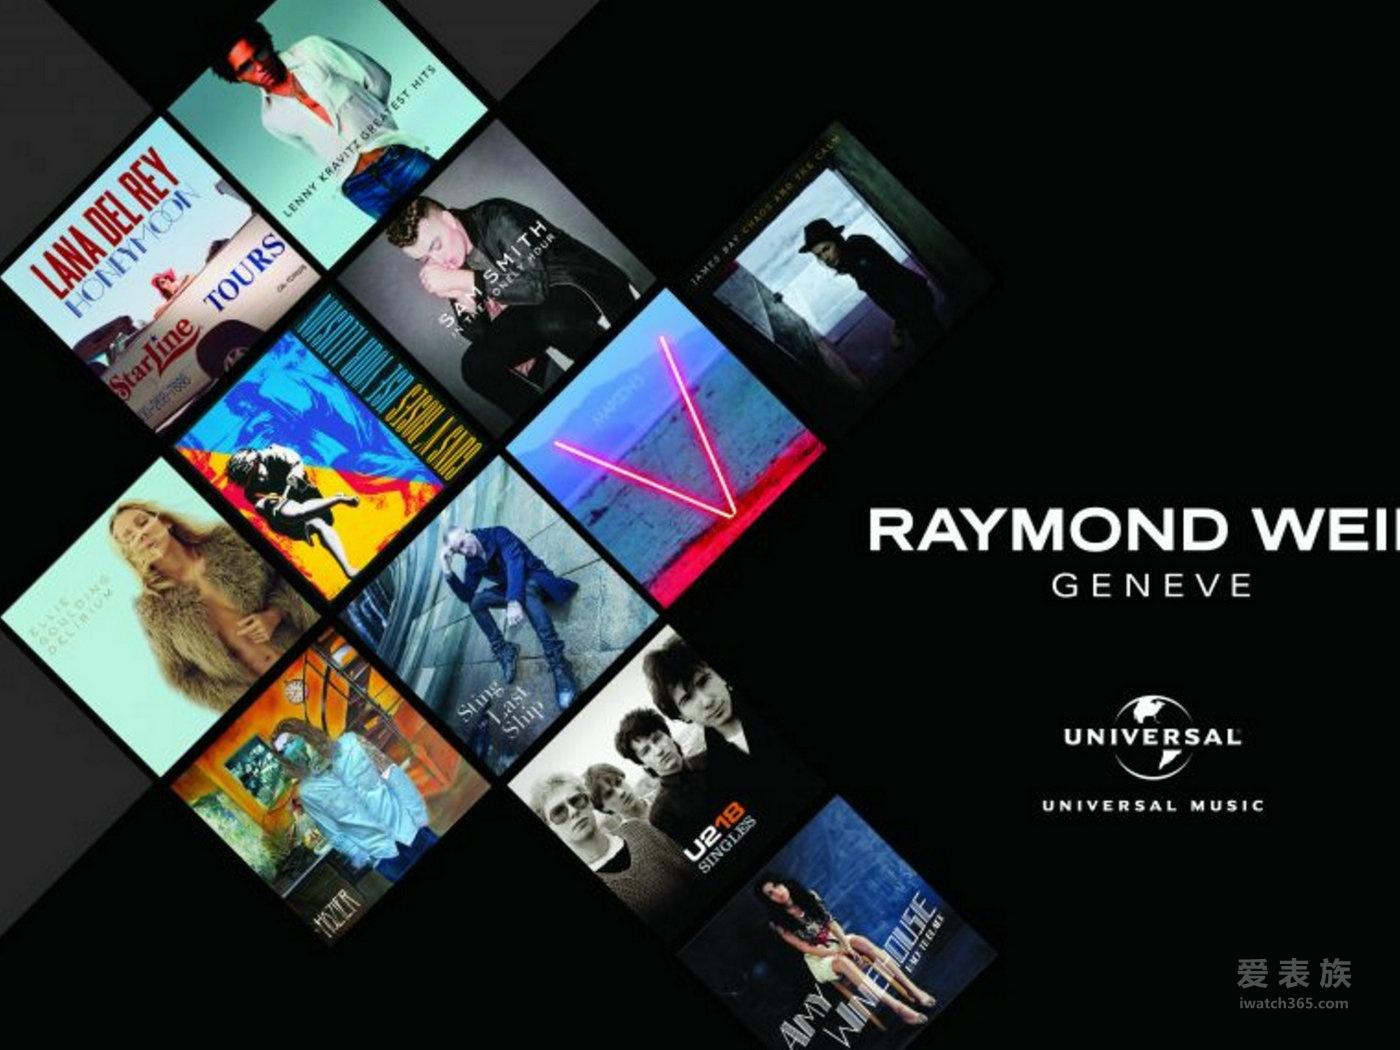 蕾蒙威与世界顶尖音乐公司—环球音乐成为合作伙伴